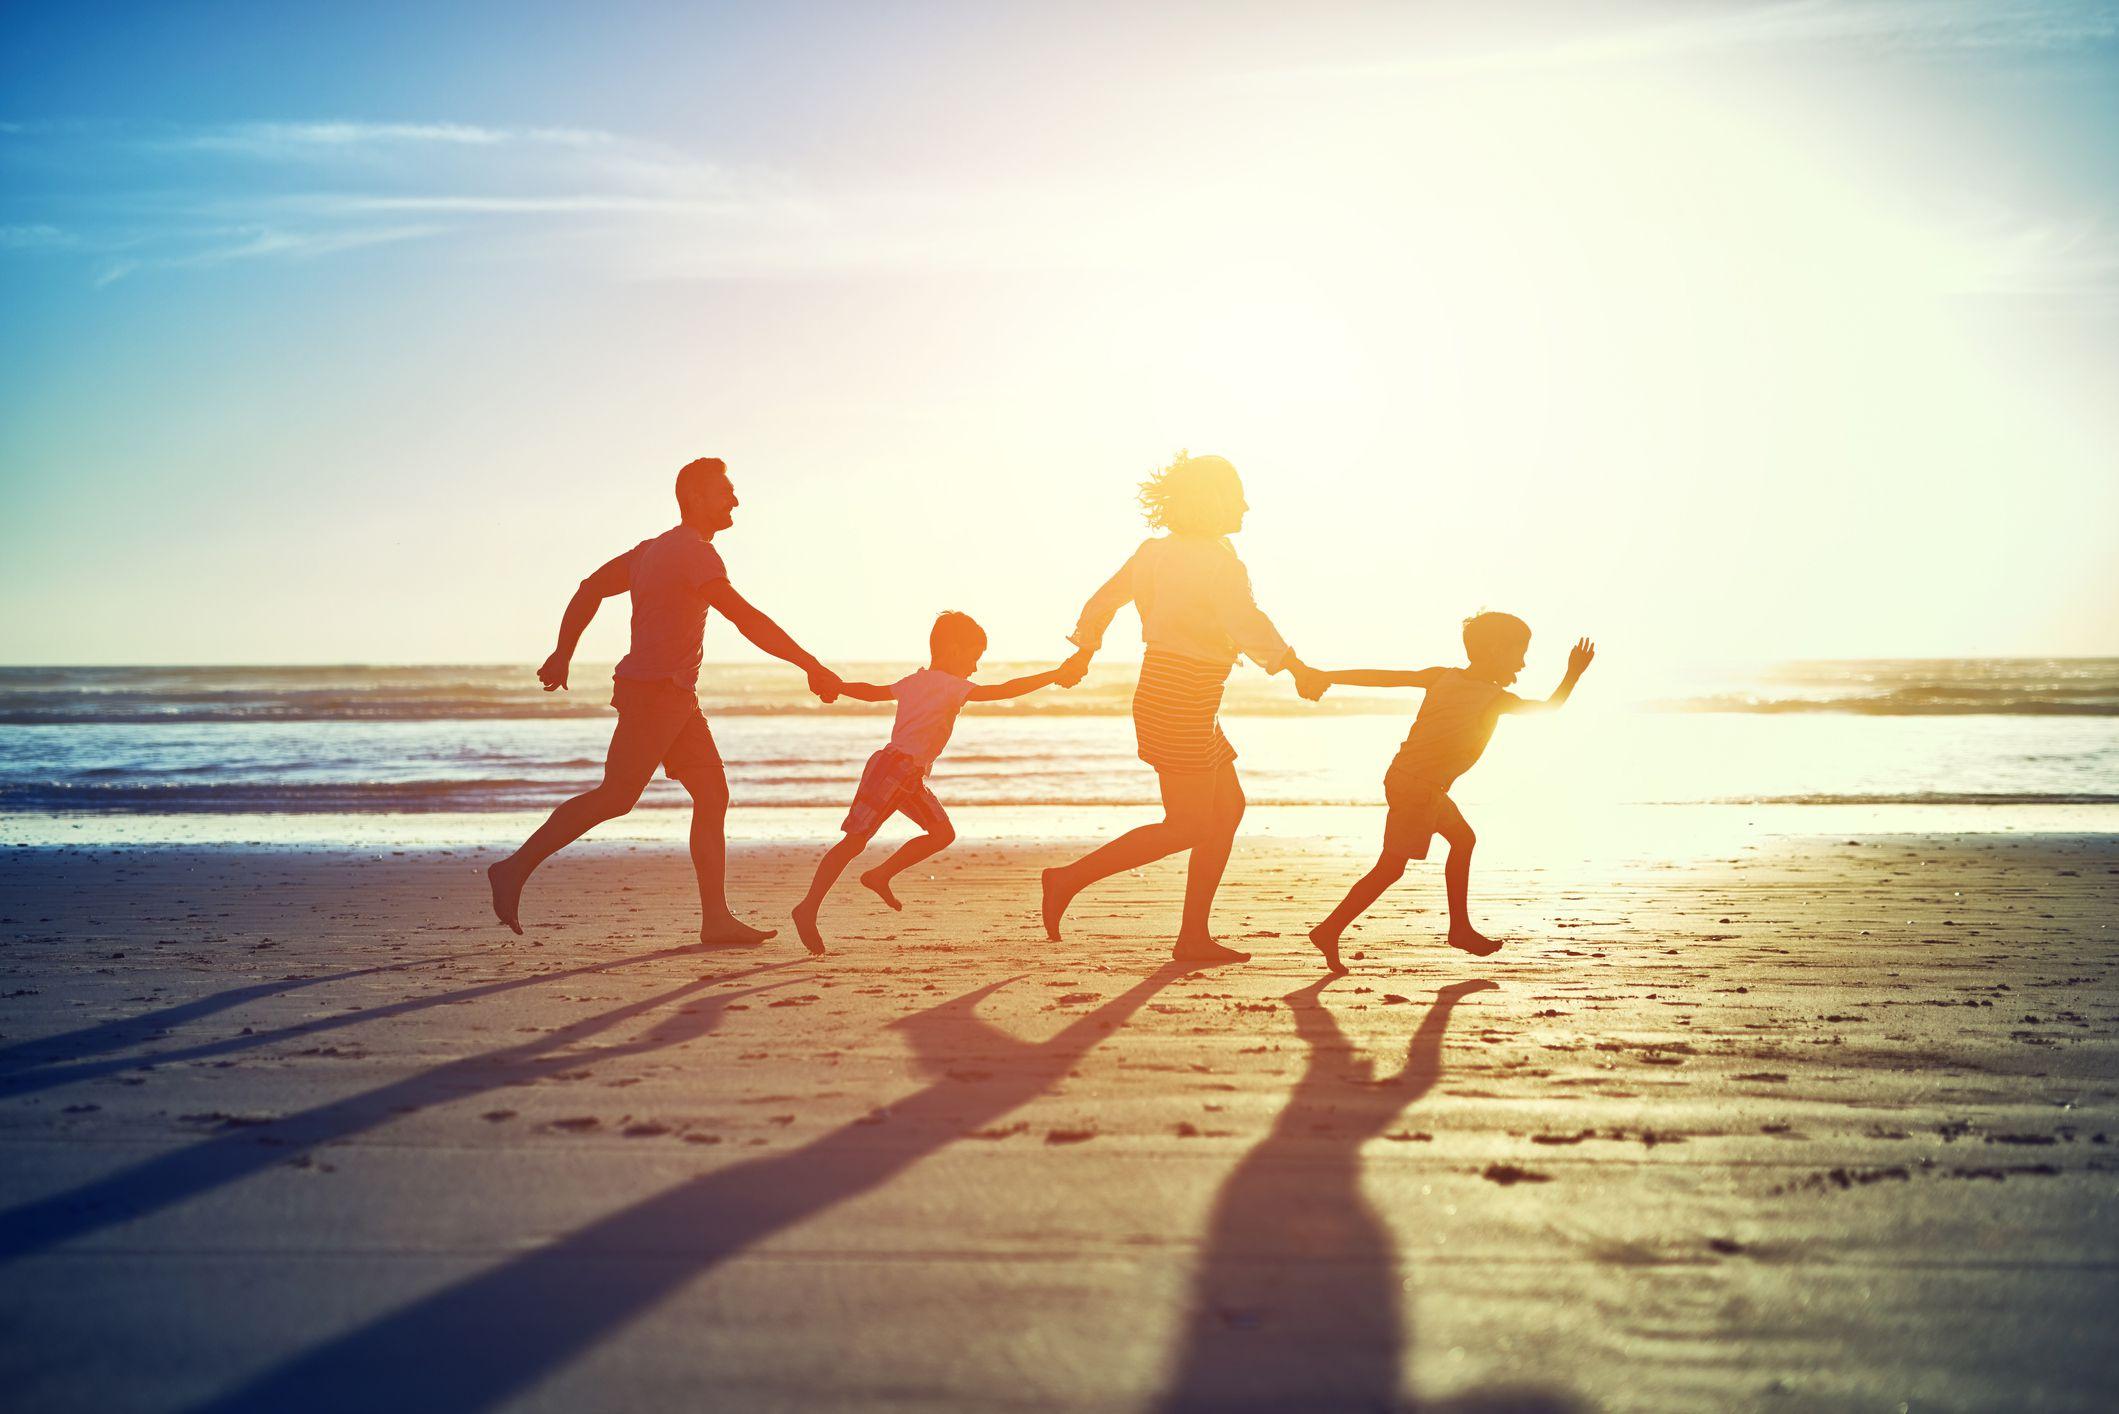 Confiança é a palavra-chave para a retomada no turismo